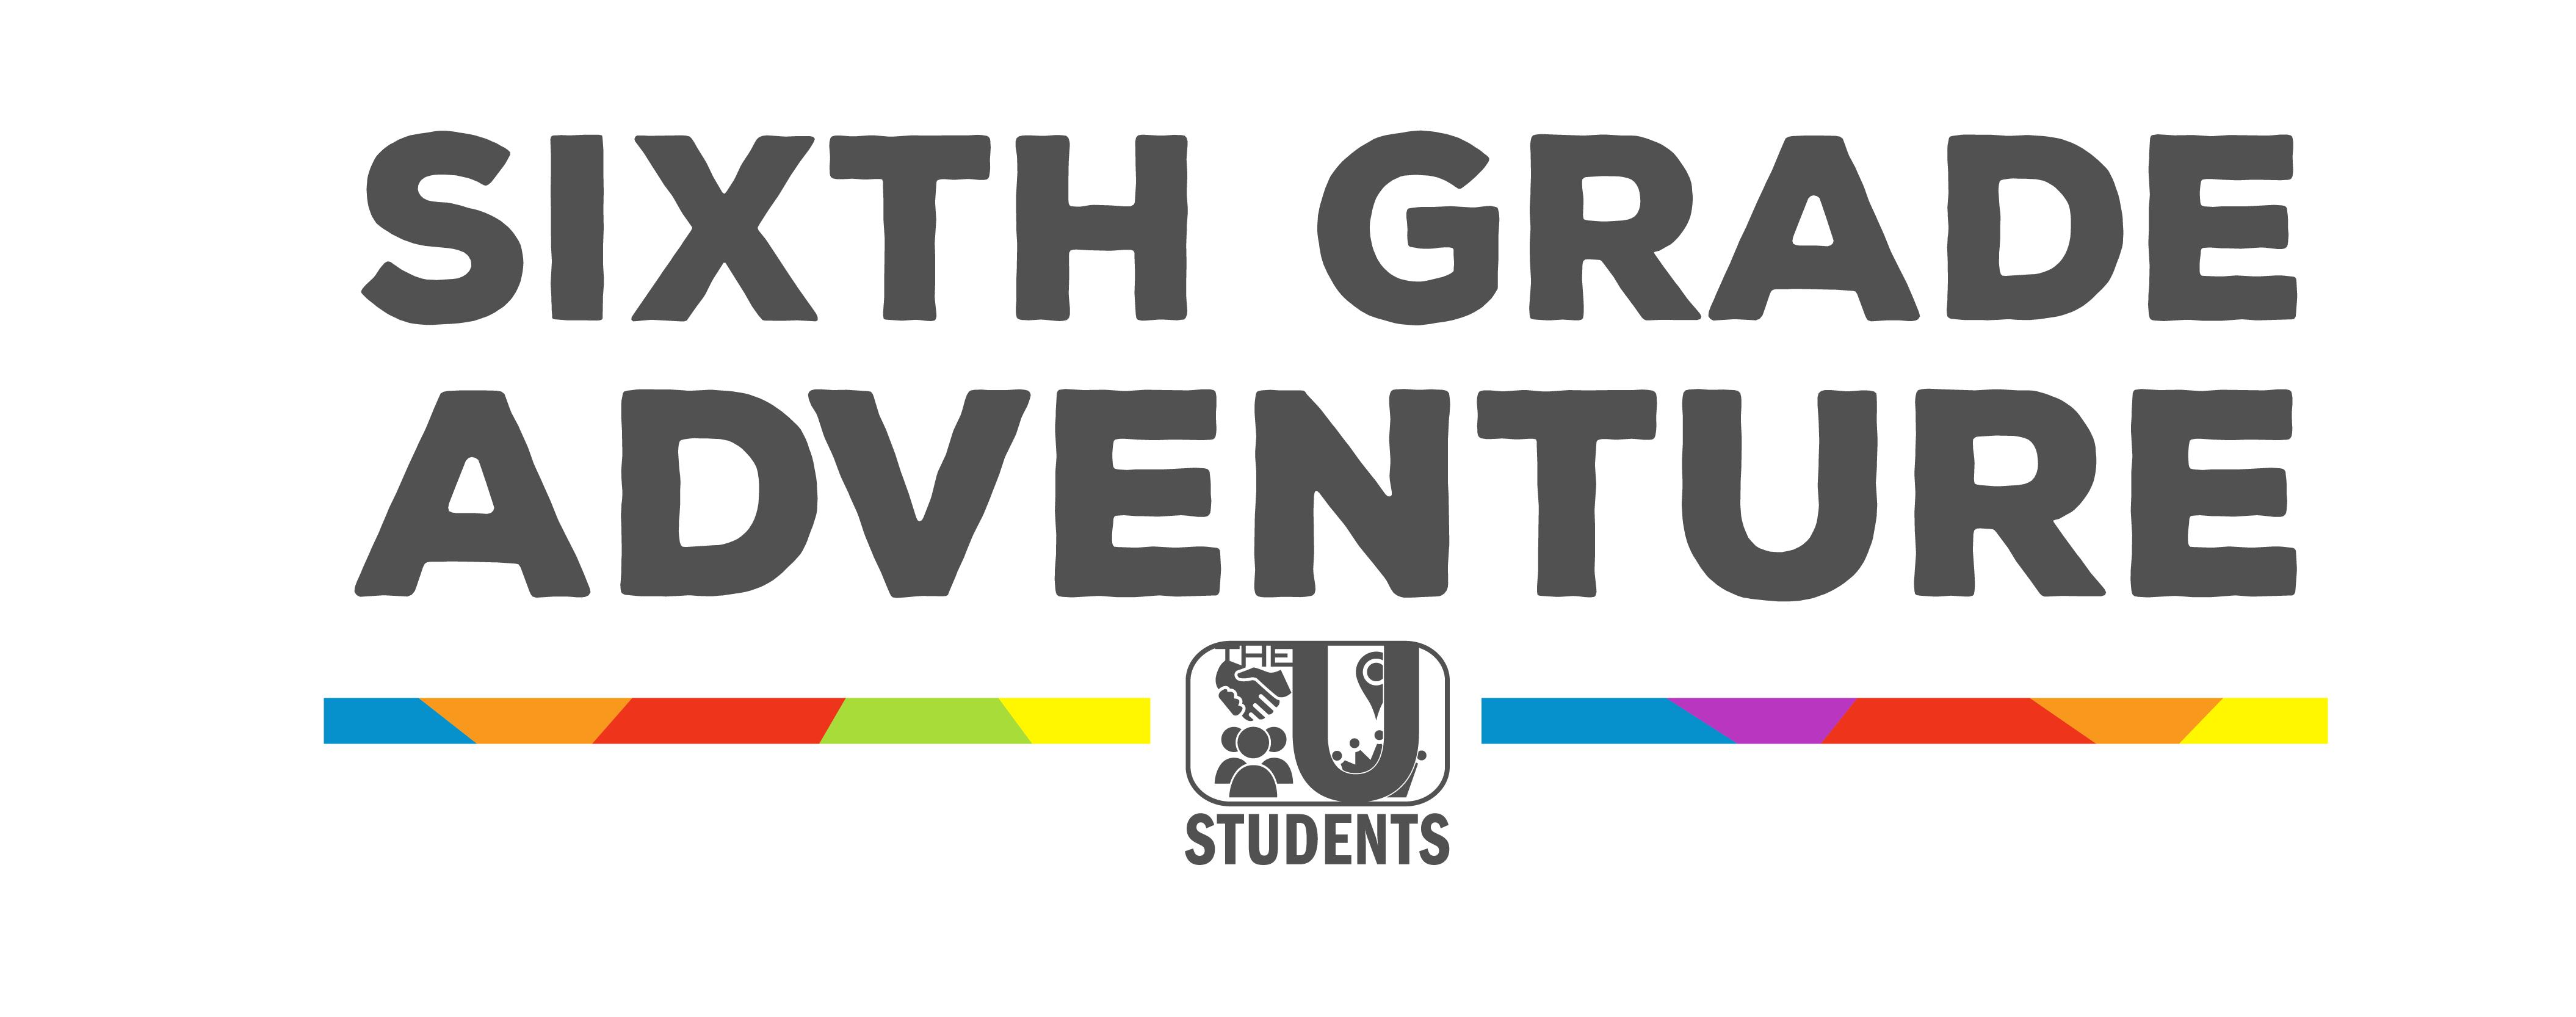 TheU Responsive Portal - 6th Grade Adventure 2018